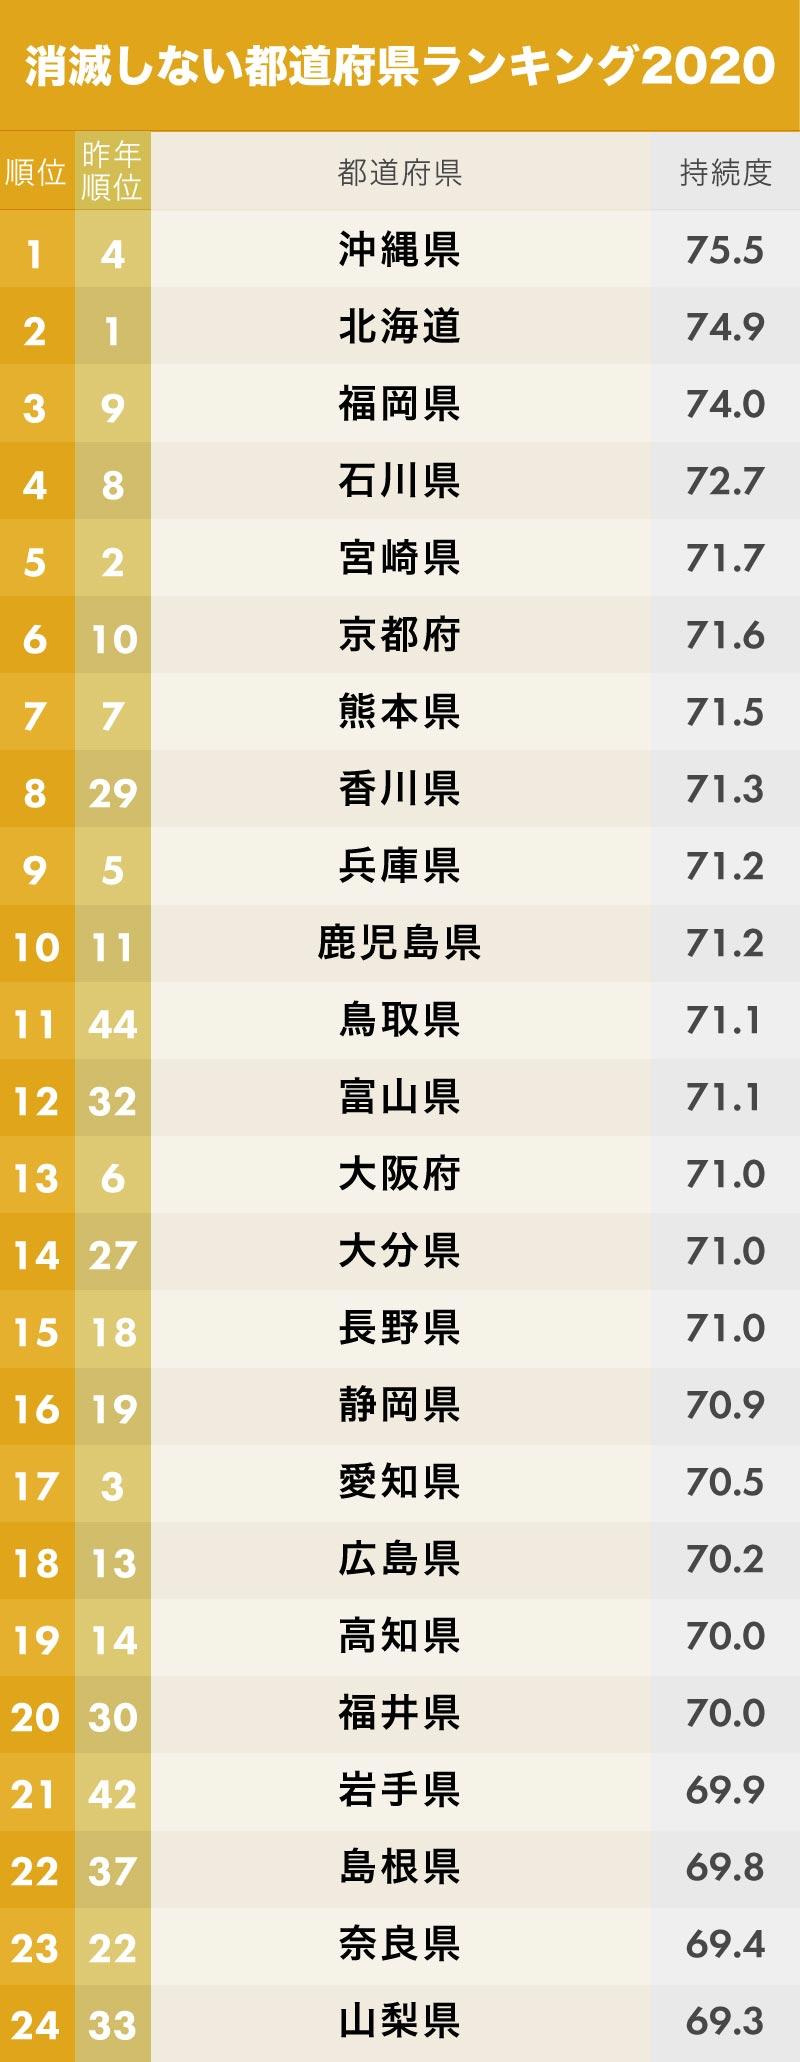 消滅しない都道府県ランキング(1位~24位)